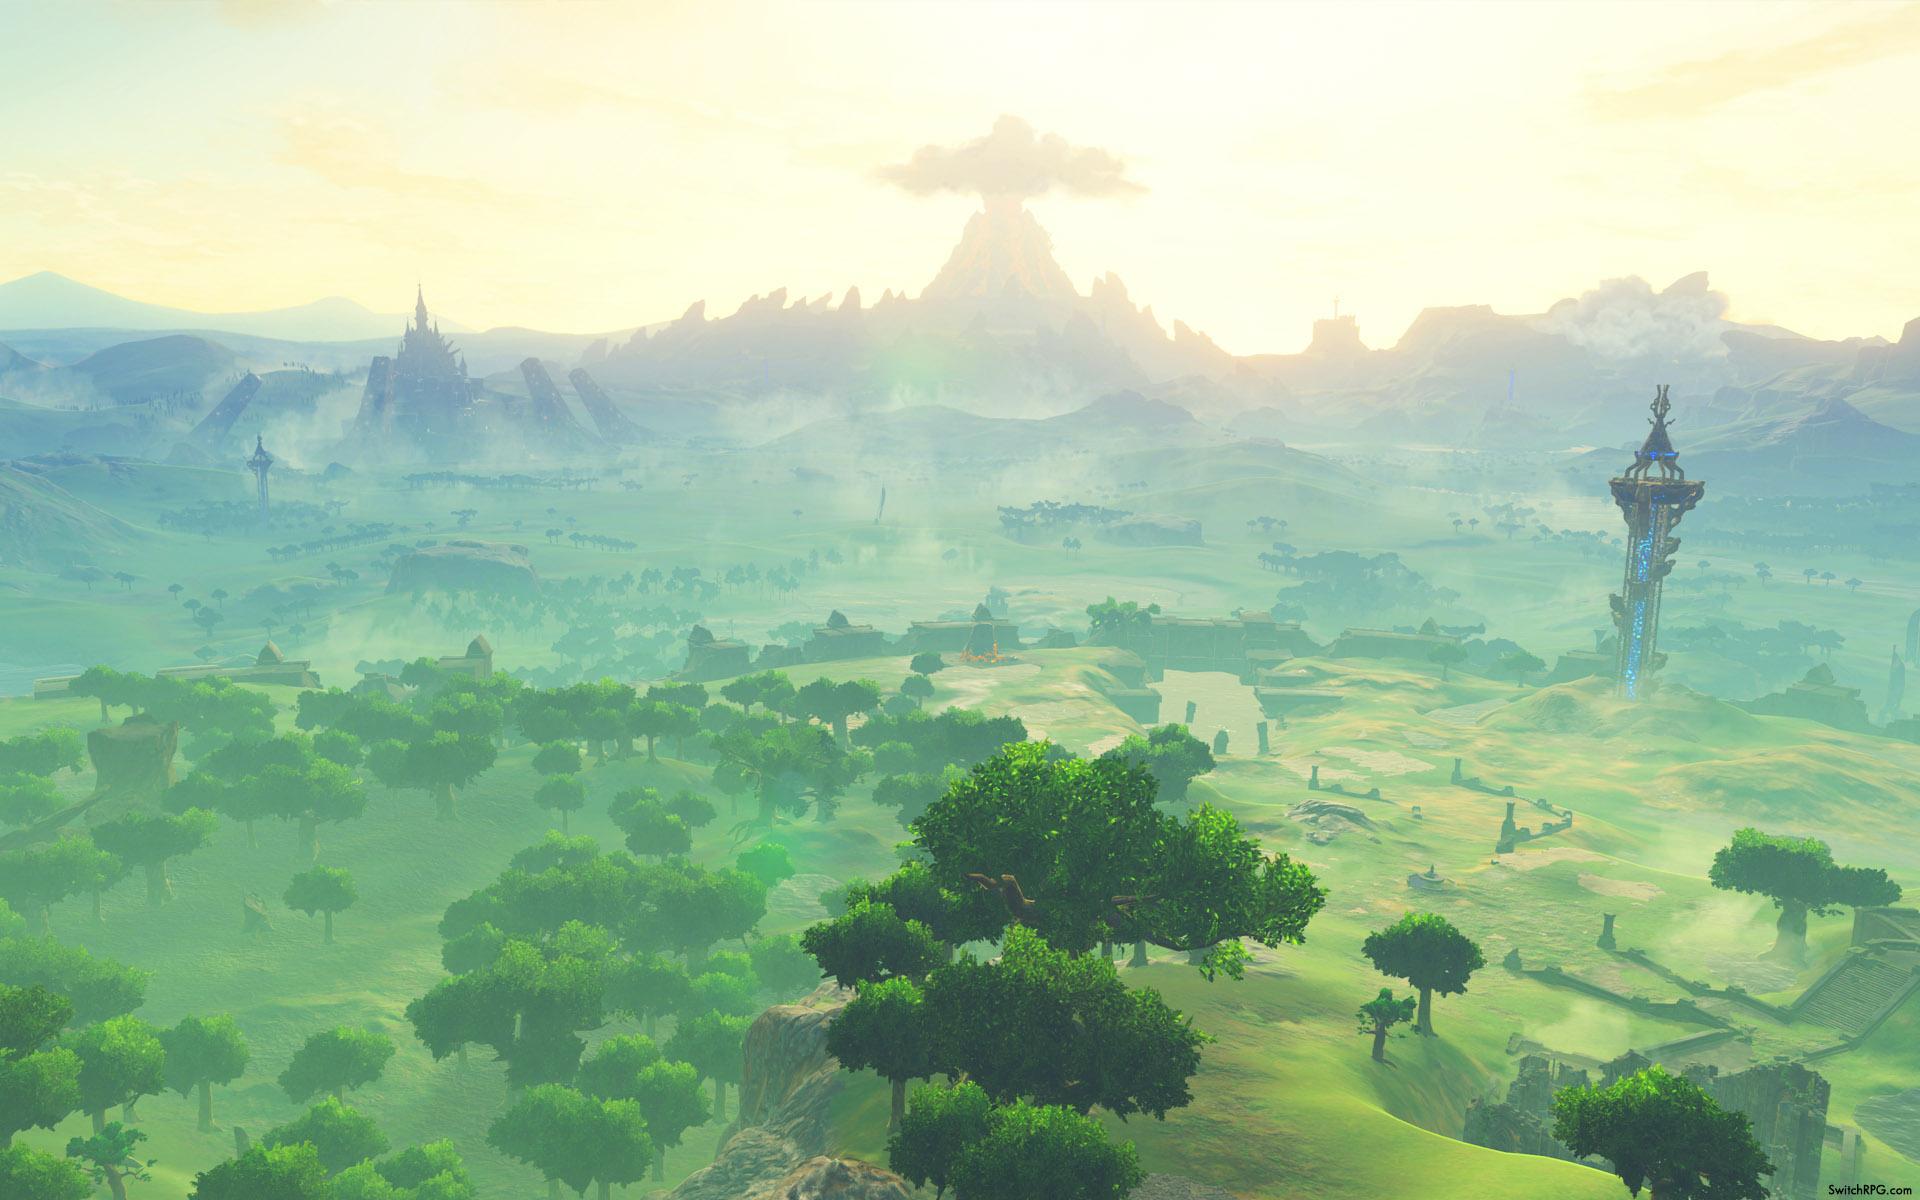 Zelda Breath Of The Wild Scenic Desktop Wallpaper Collection